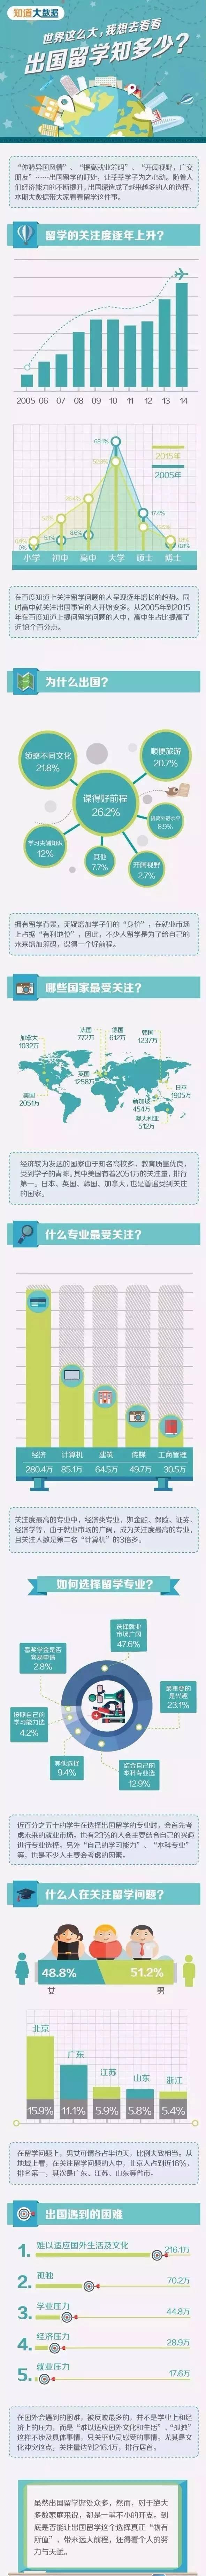 中国出国留学大数据:20%人竟是为了旅游?!